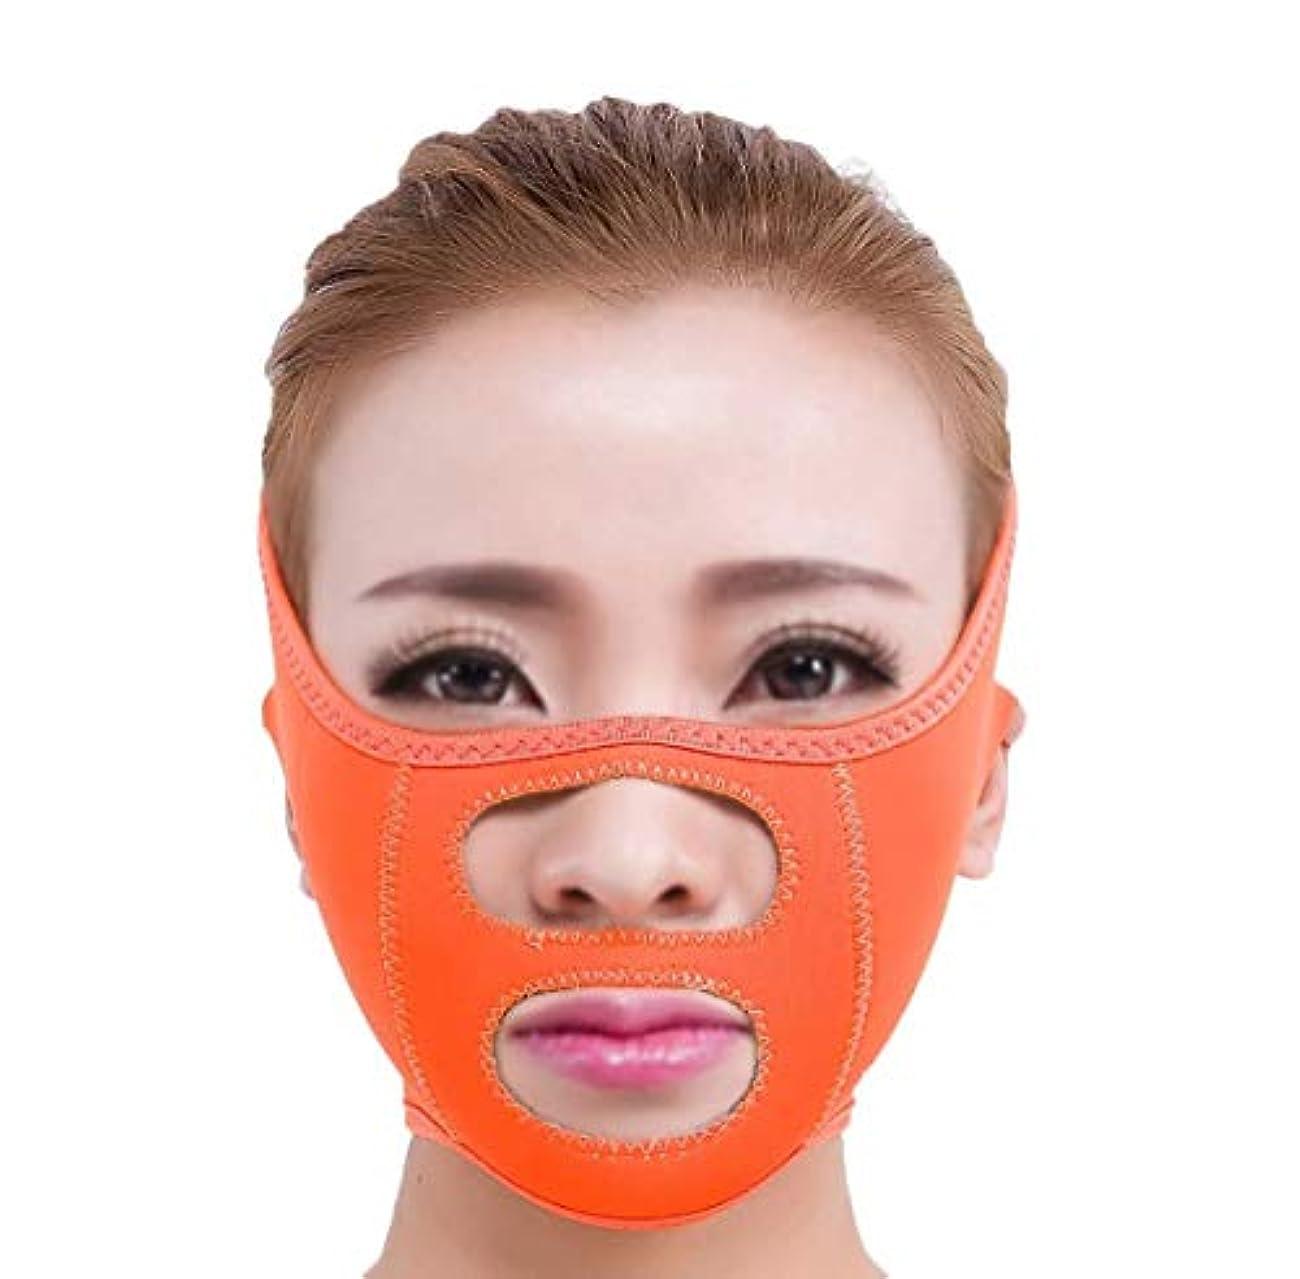 比類なき具体的にカストディアンスリミングベルト、フェイシャルマスク薄い顔マスク睡眠薄い顔マスク薄い顔包帯薄い顔アーティファクト薄い顔顔リフティング薄い顔小さなV顔睡眠薄い顔ベルト